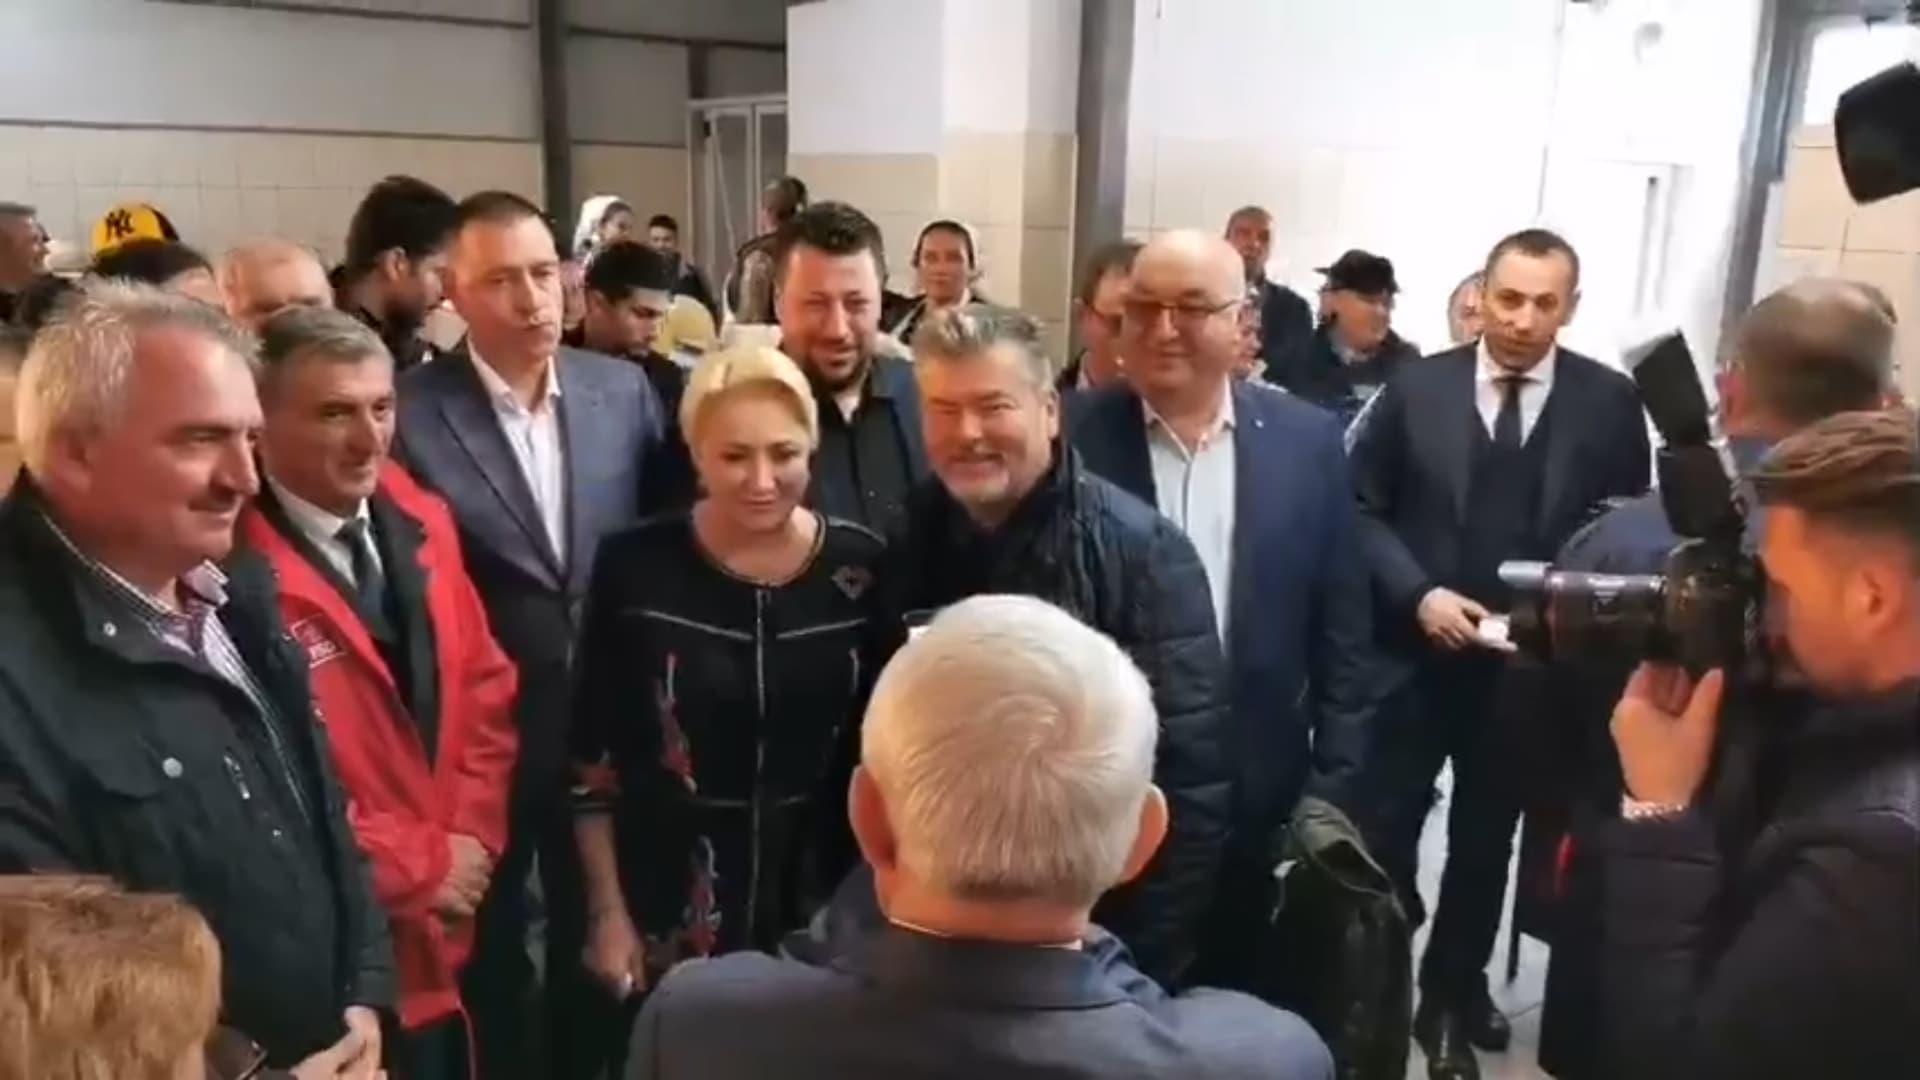 Premierul demis Viorica Dăncilă, baie de mulţime electorală şi vizită cu iz comunist la piaţa din Dej